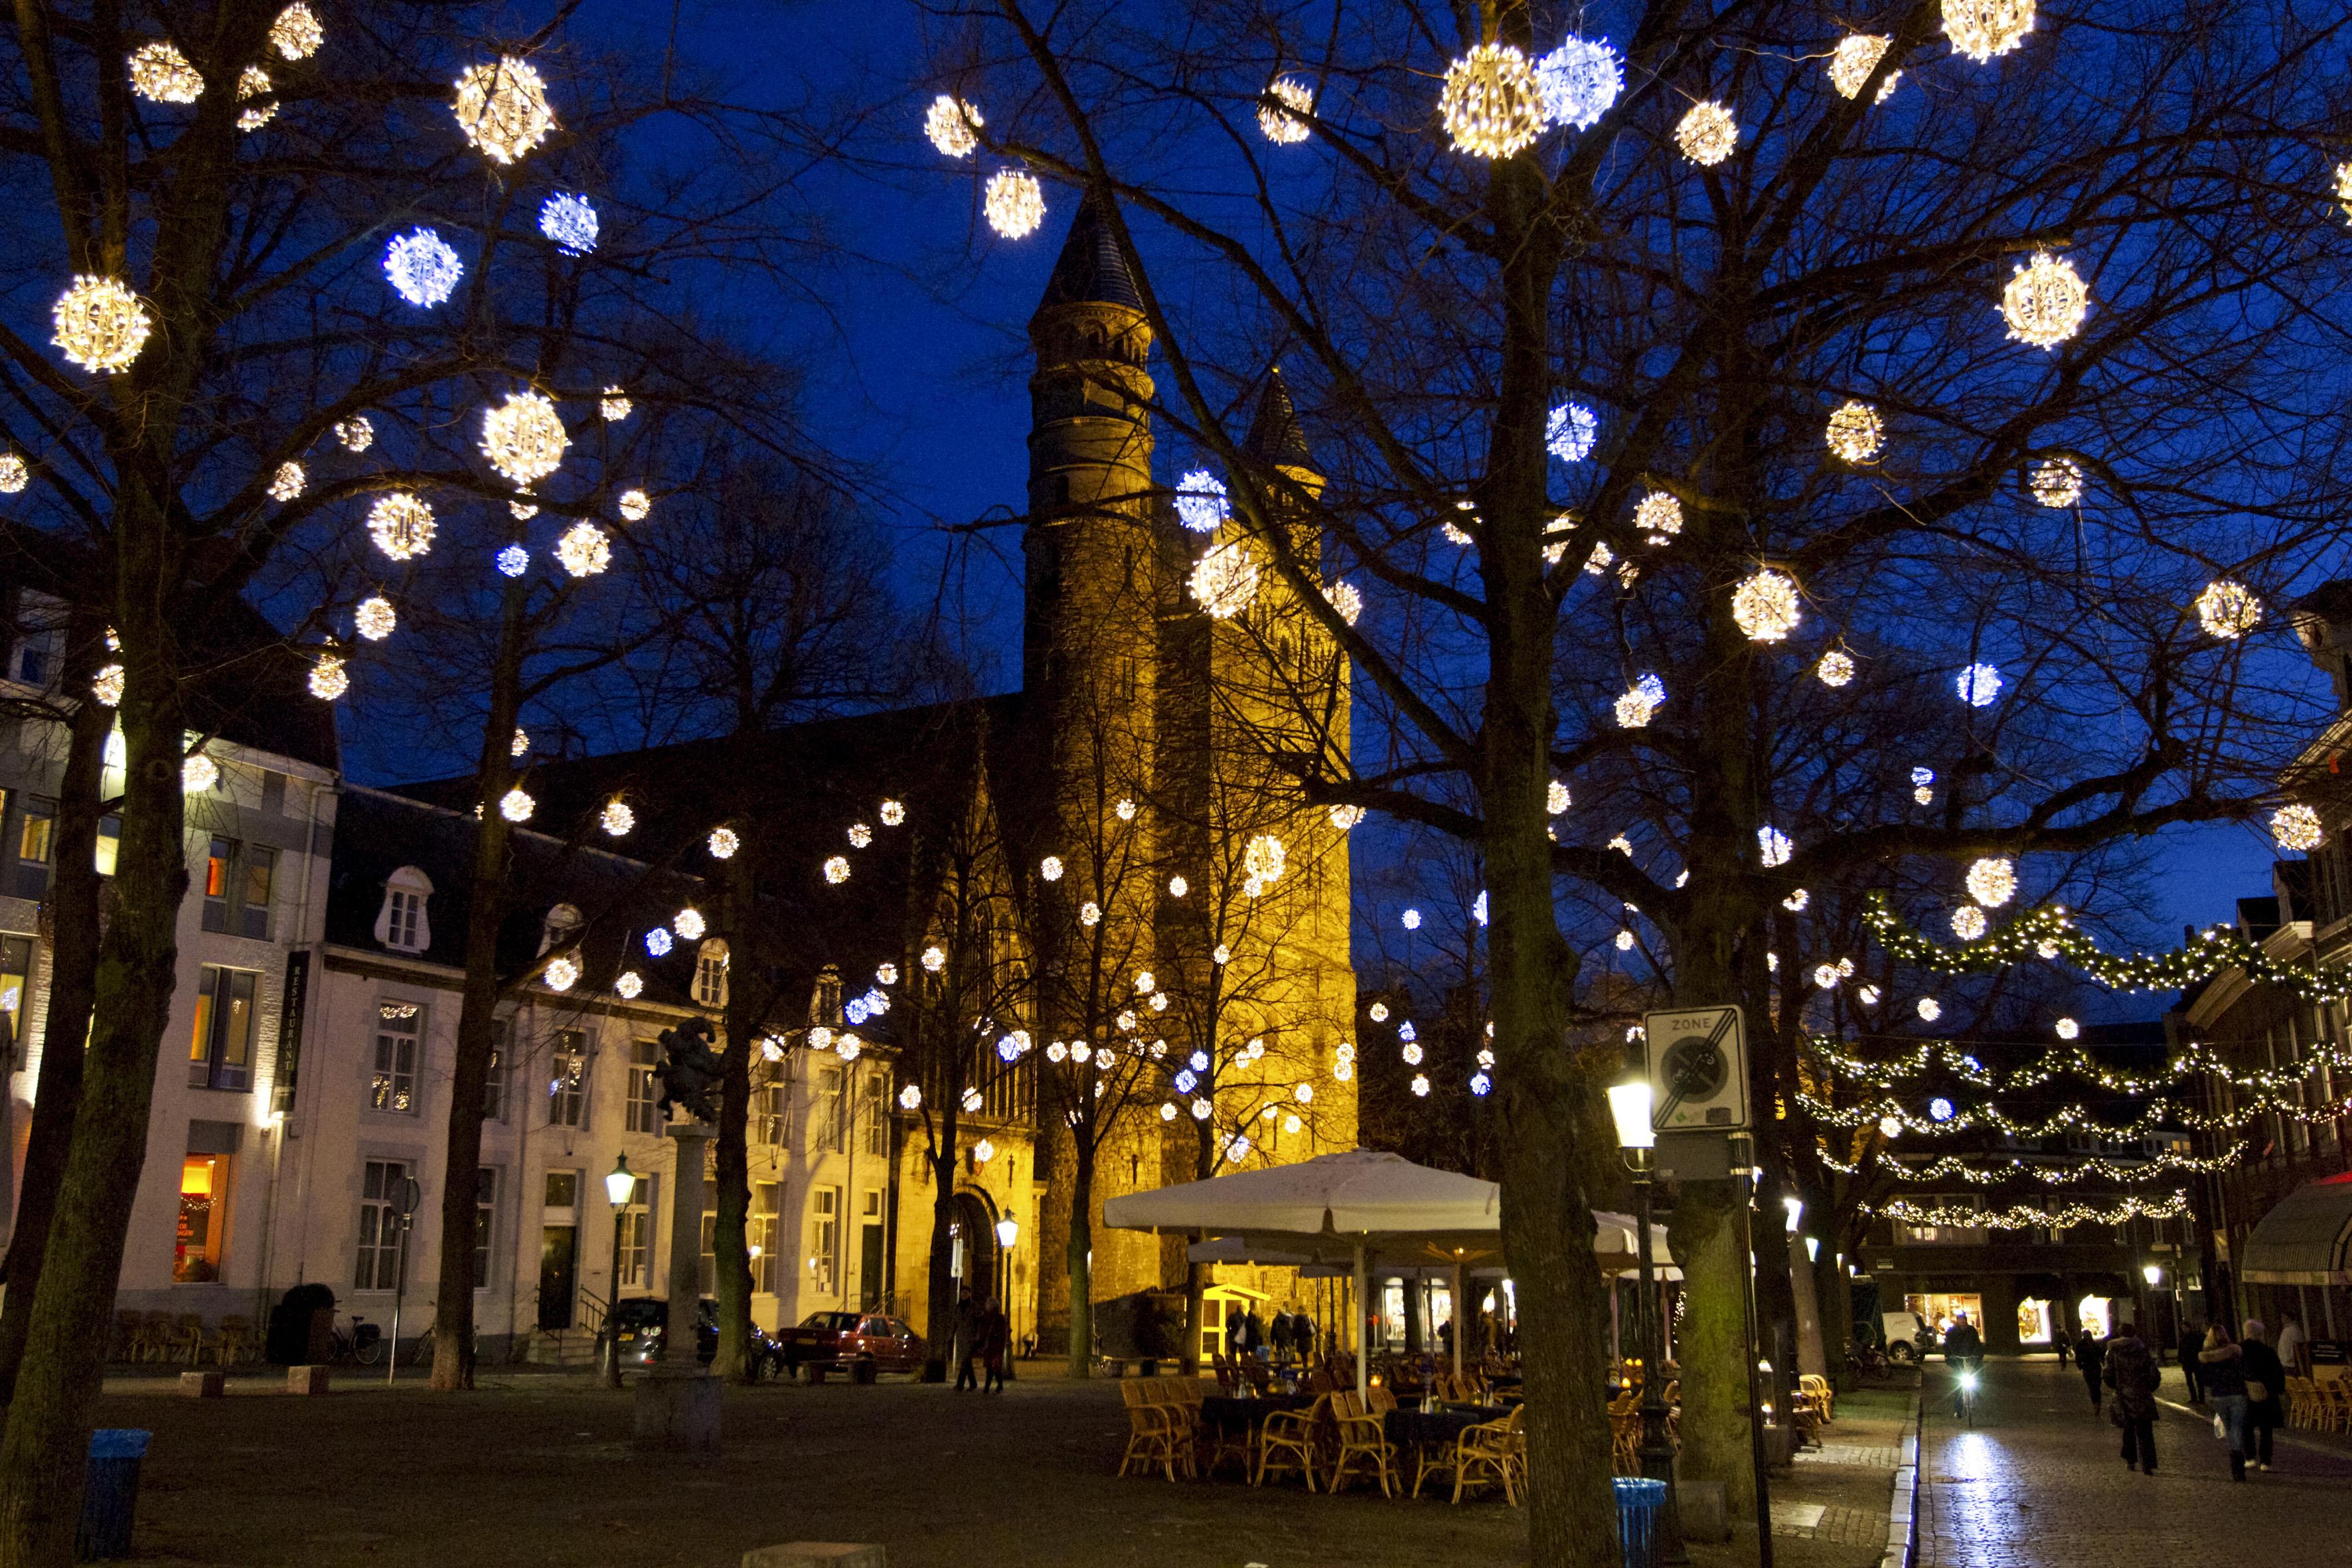 Avontuur Limburg leverancier van Magische verlichting